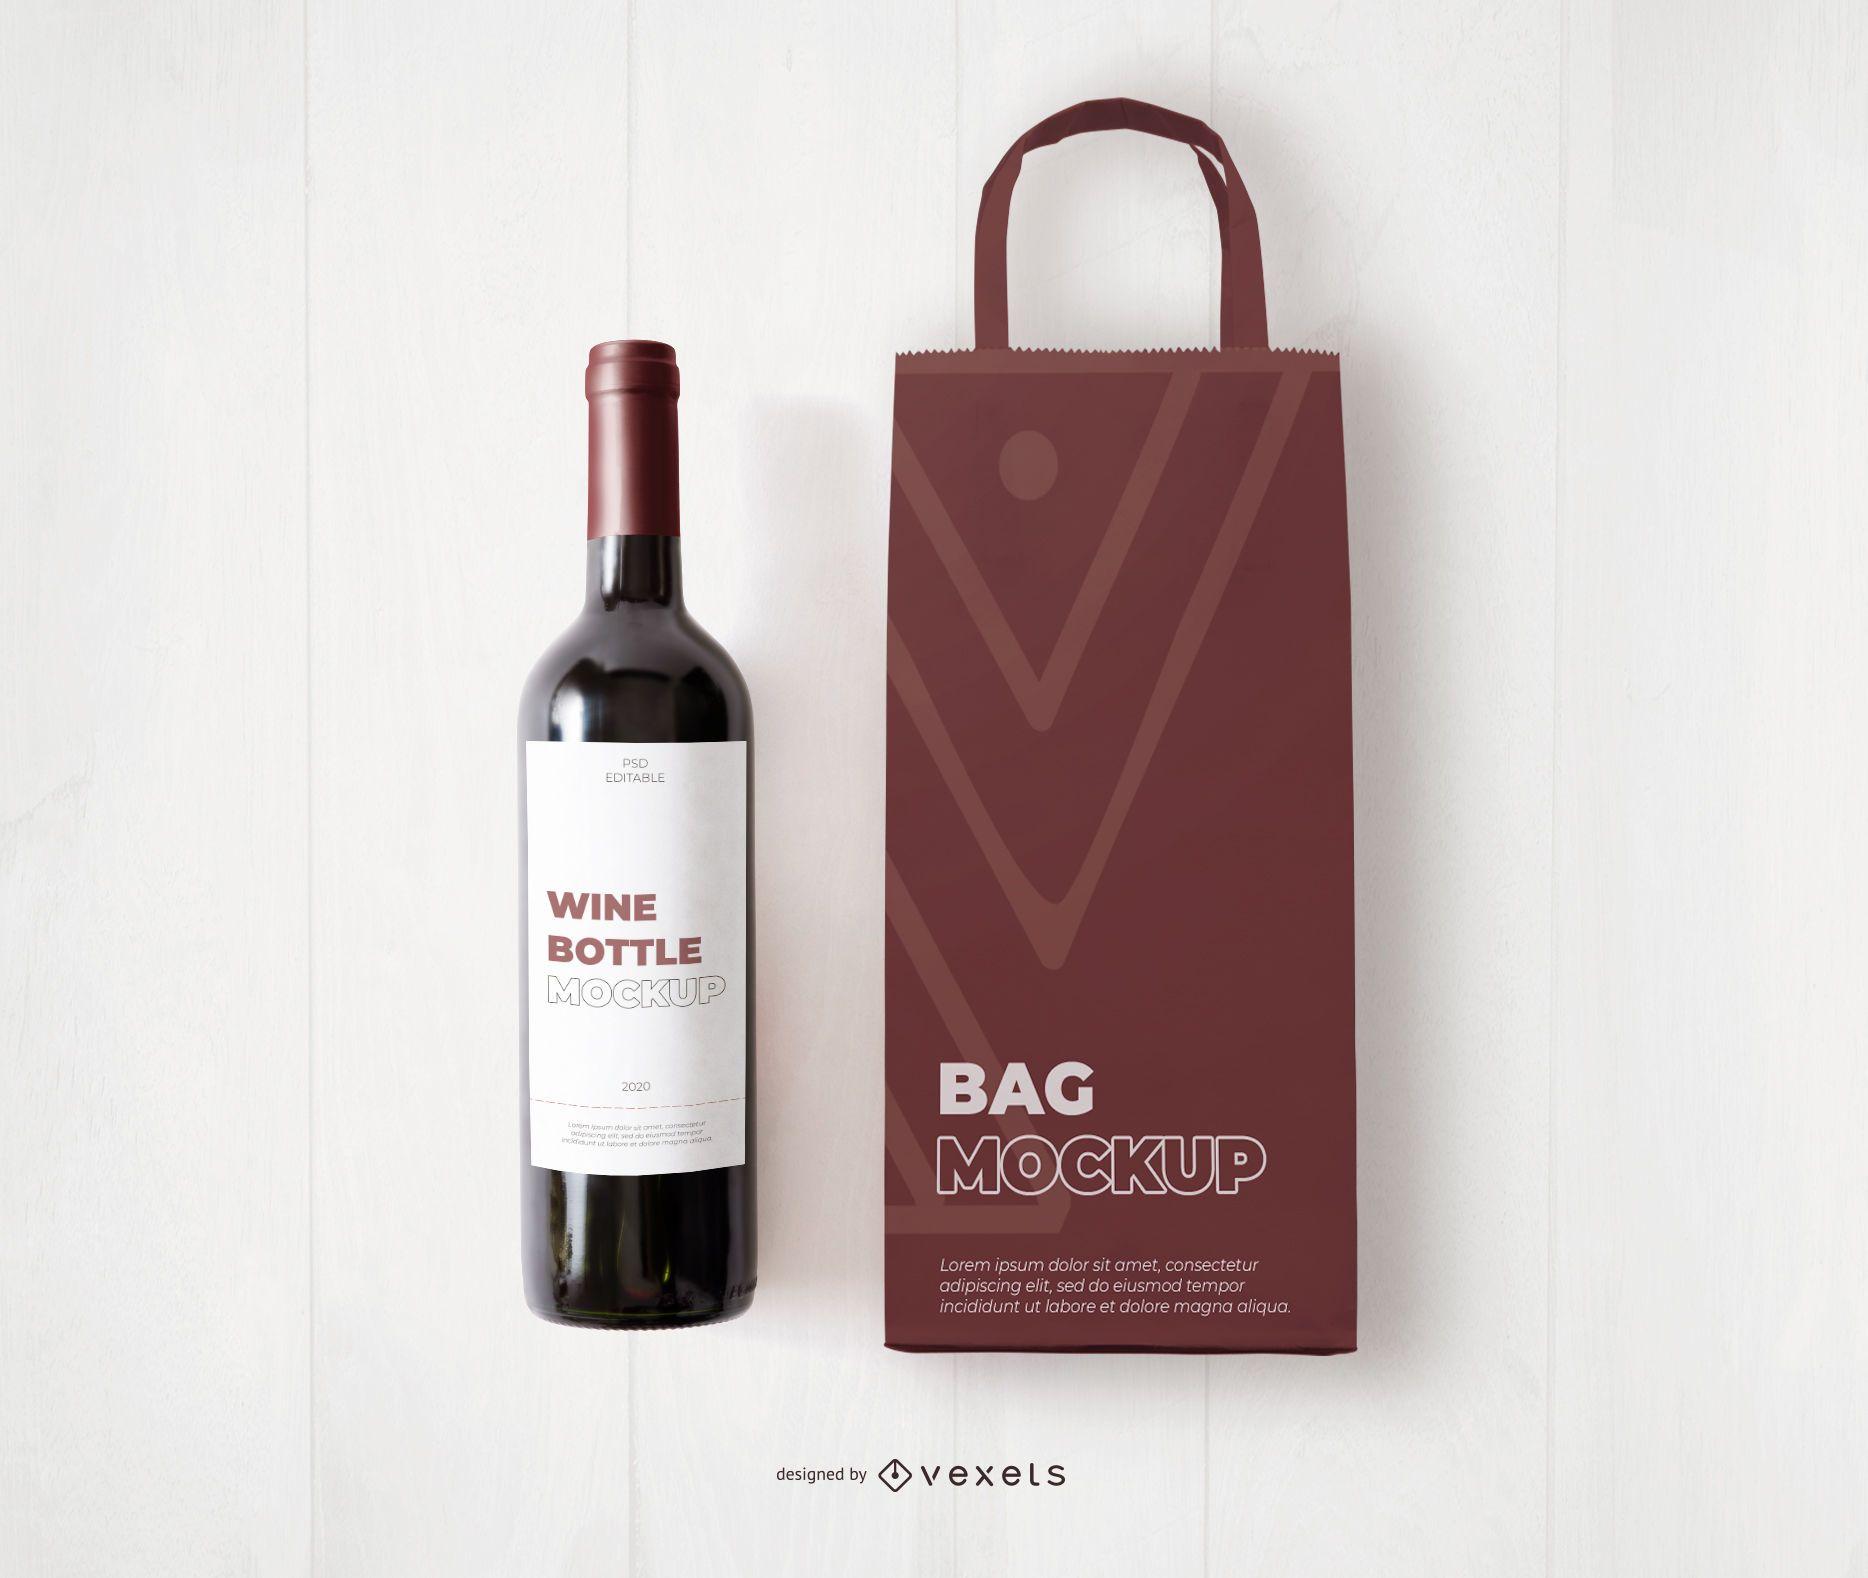 Maqueta de bolsa y botella de vino